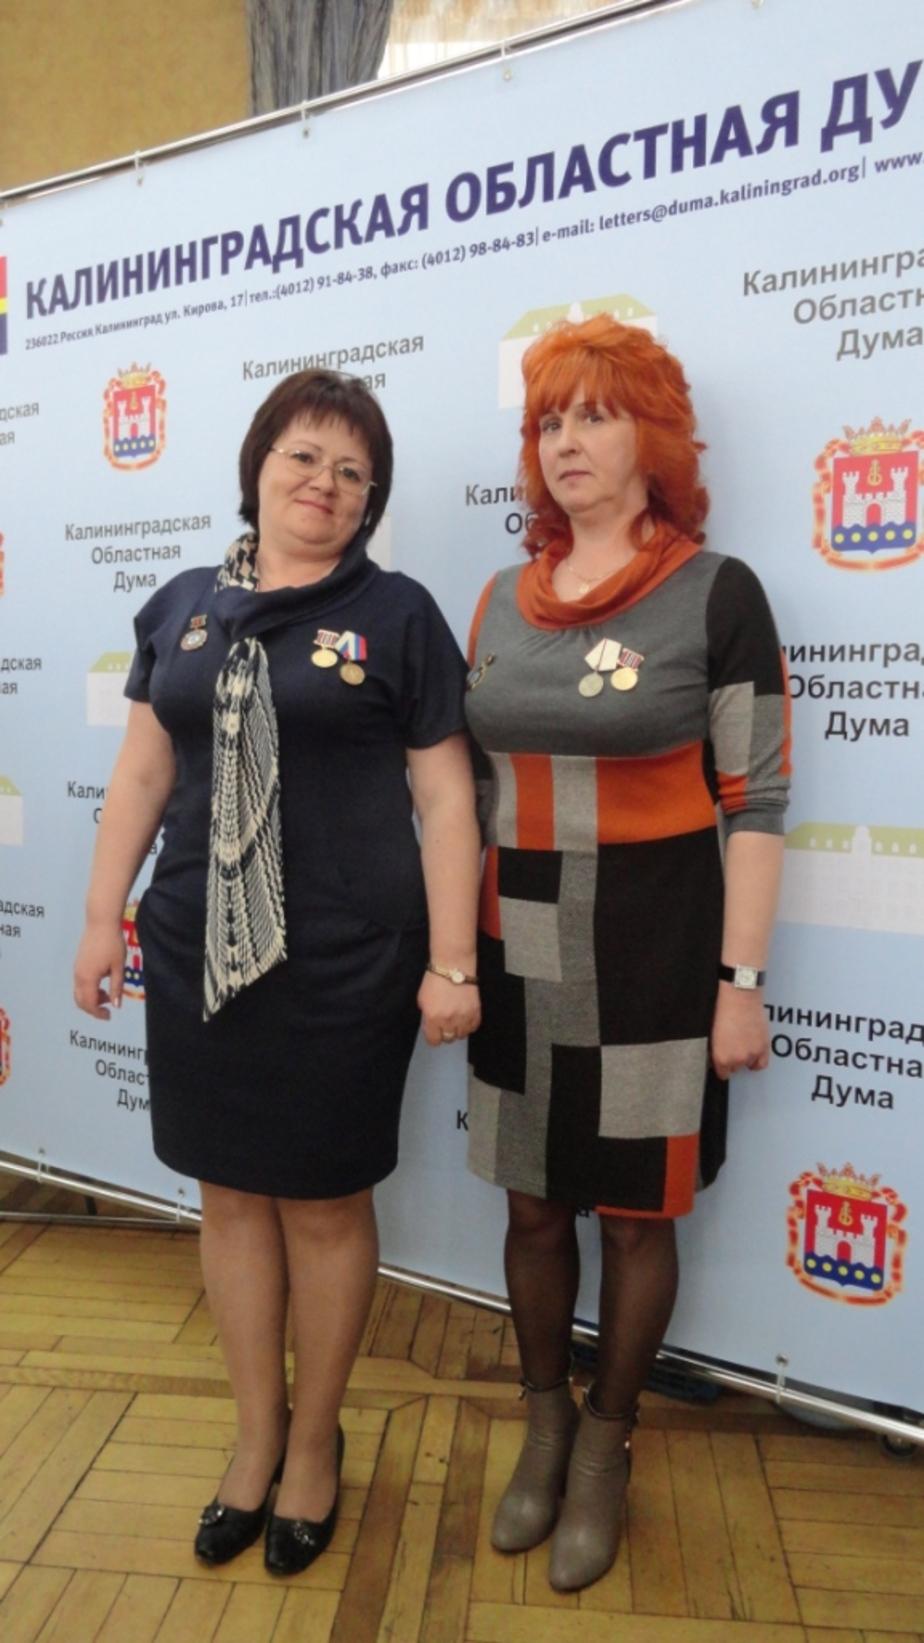 Ликвидаторы последствий Чернобыля: Когда вернулись, всех наших женихов как ветром сдуло - Новости Калининграда